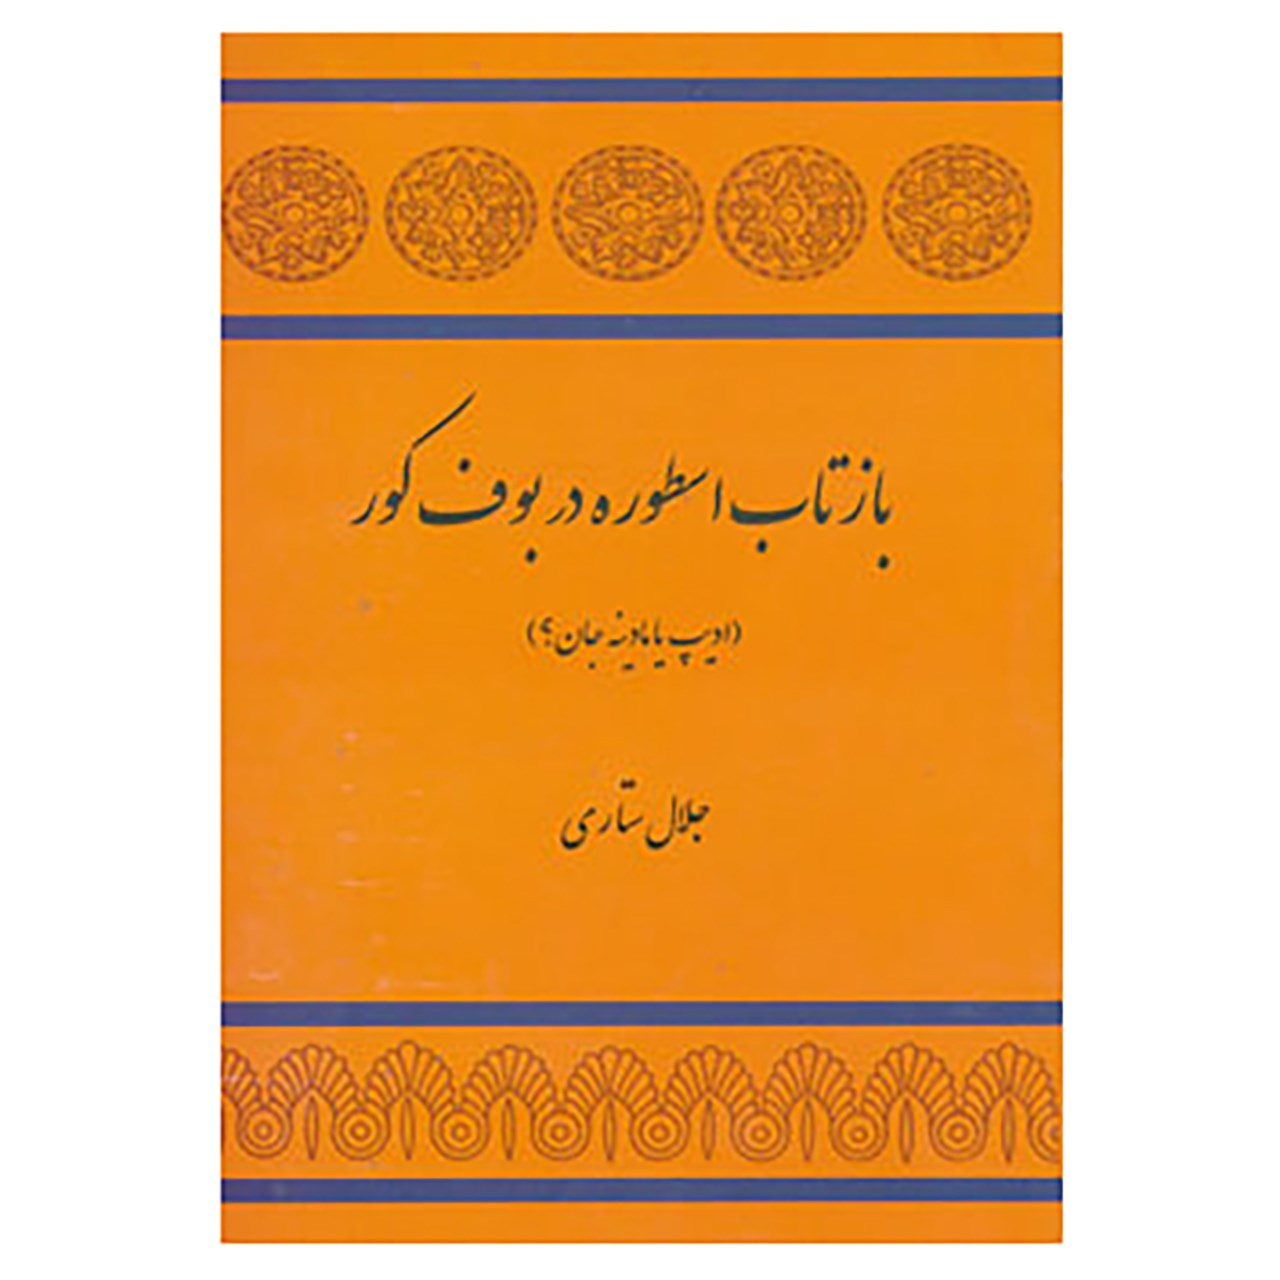 خرید                      کتاب بازتاب اسطوره در بوف کور اثر جلال ستاری